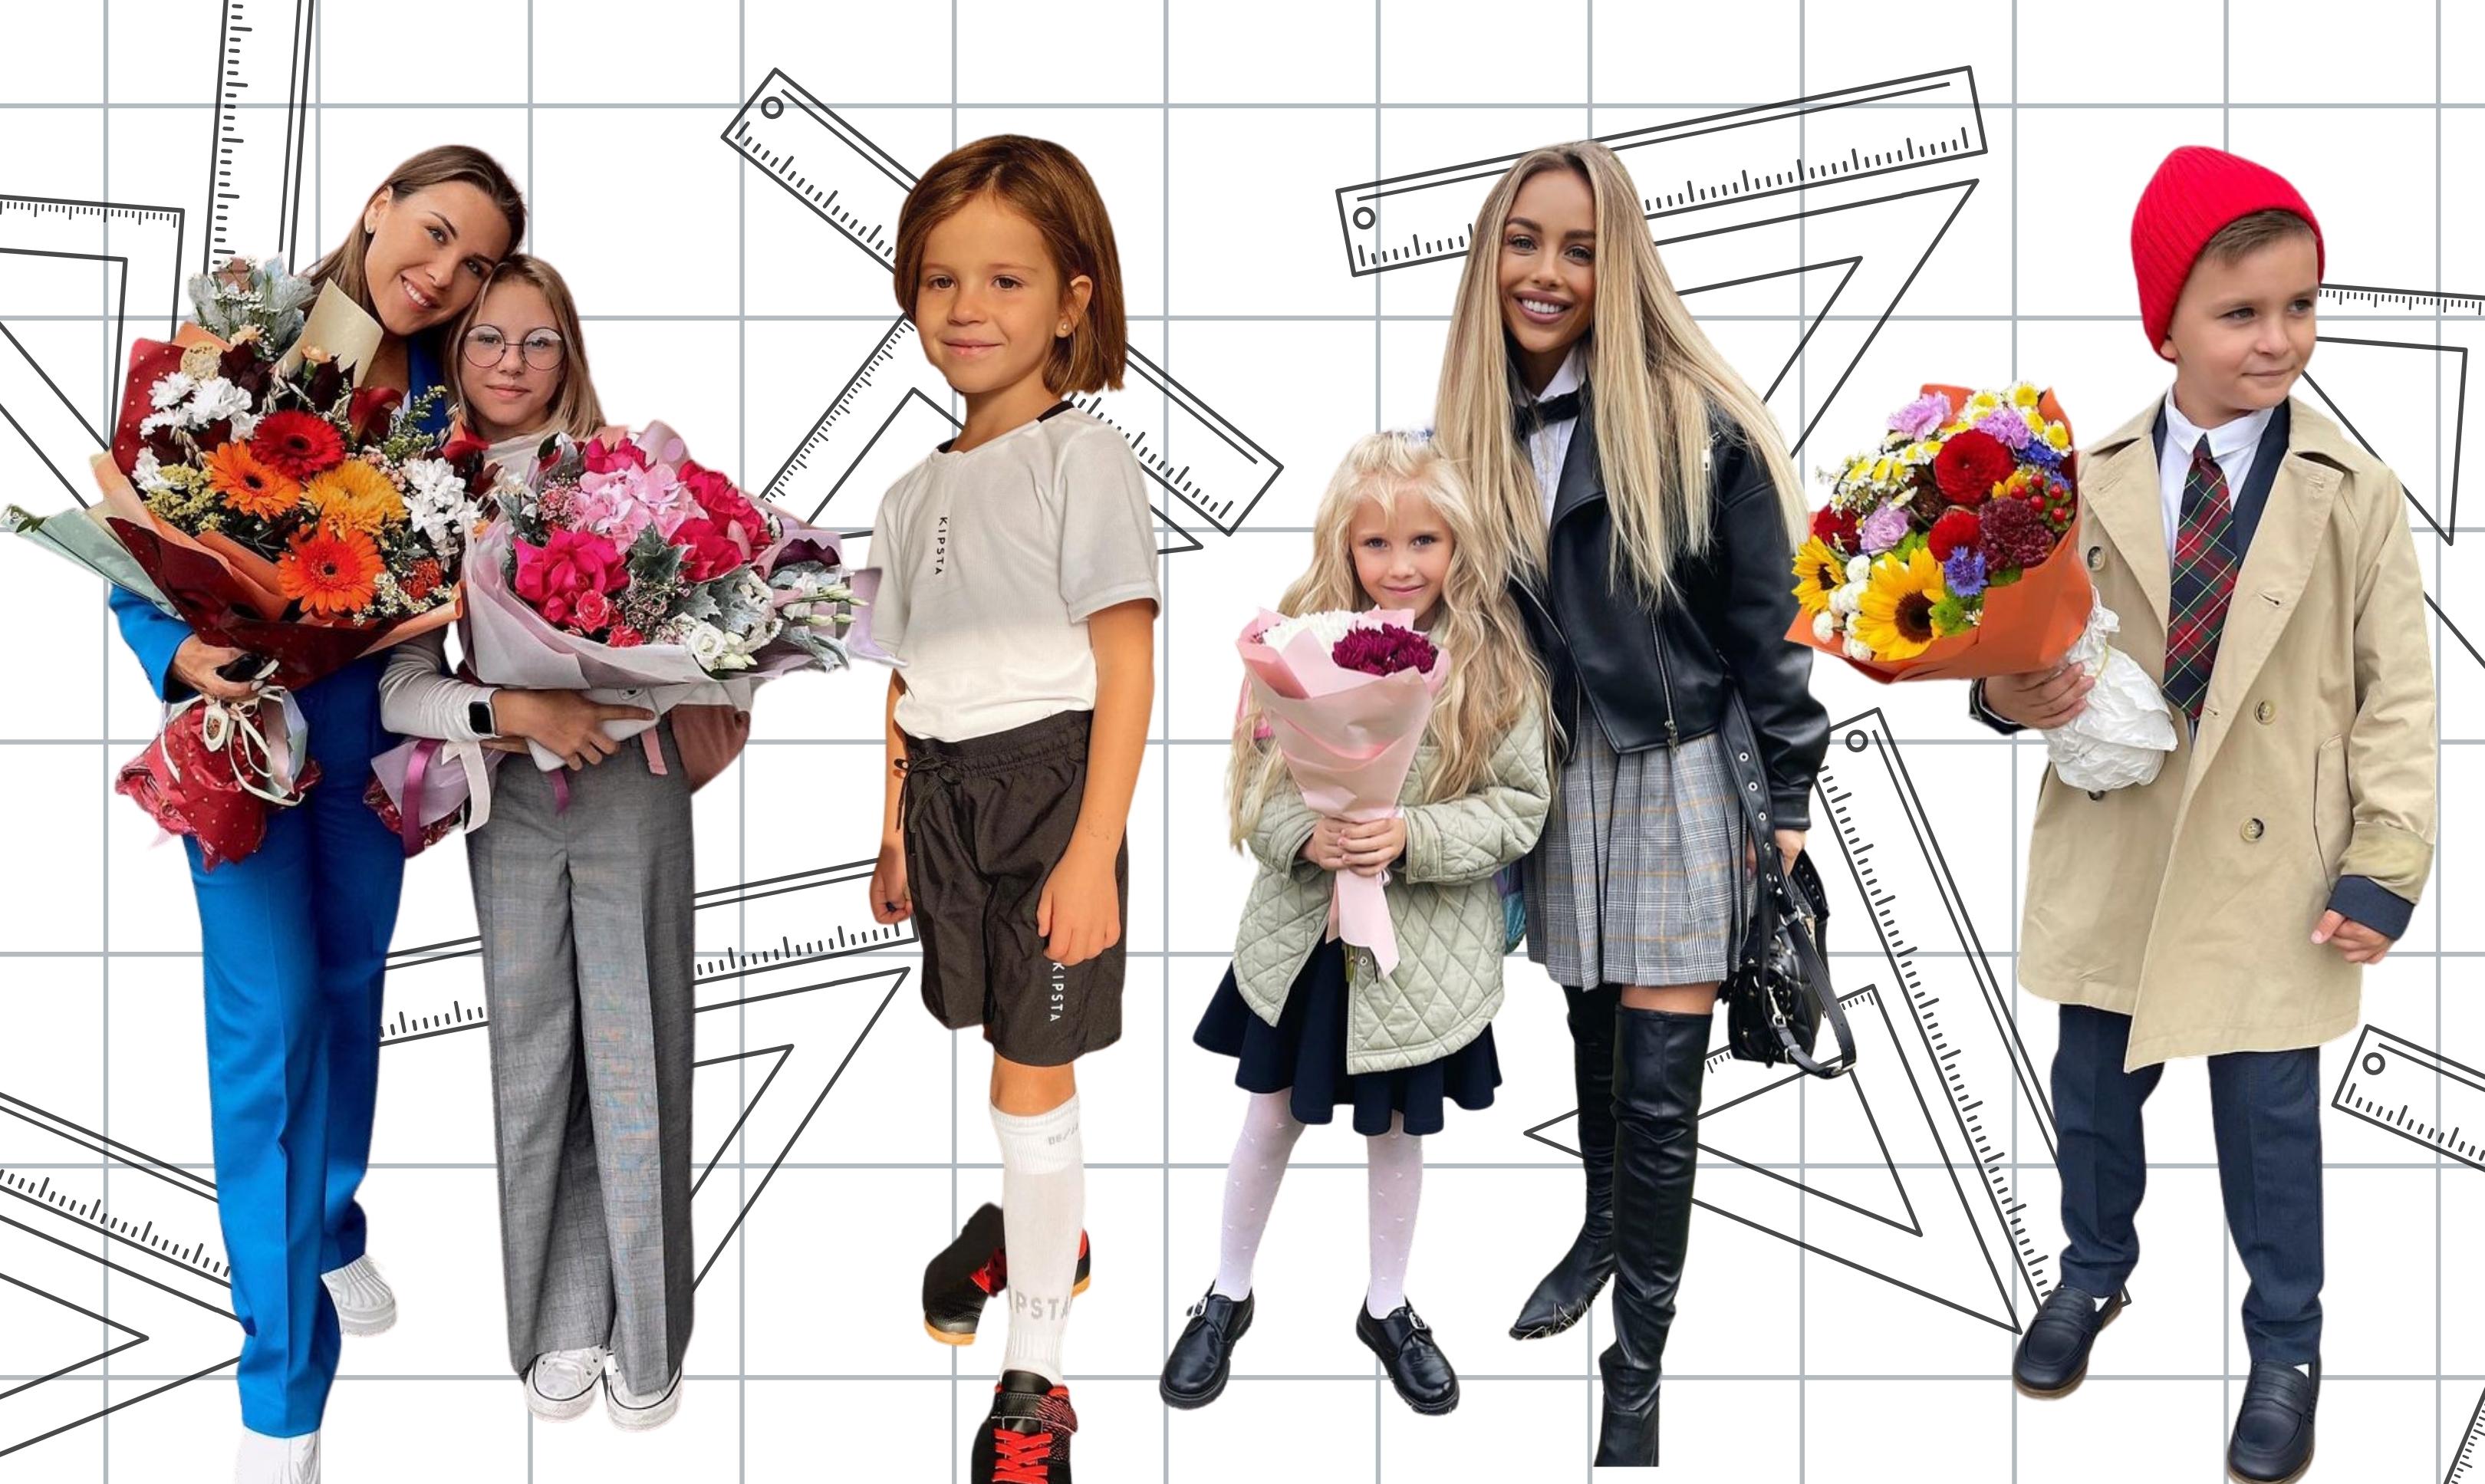 Подборка Vsetyah: мамы-инфлюенсеры и их инсташкольники